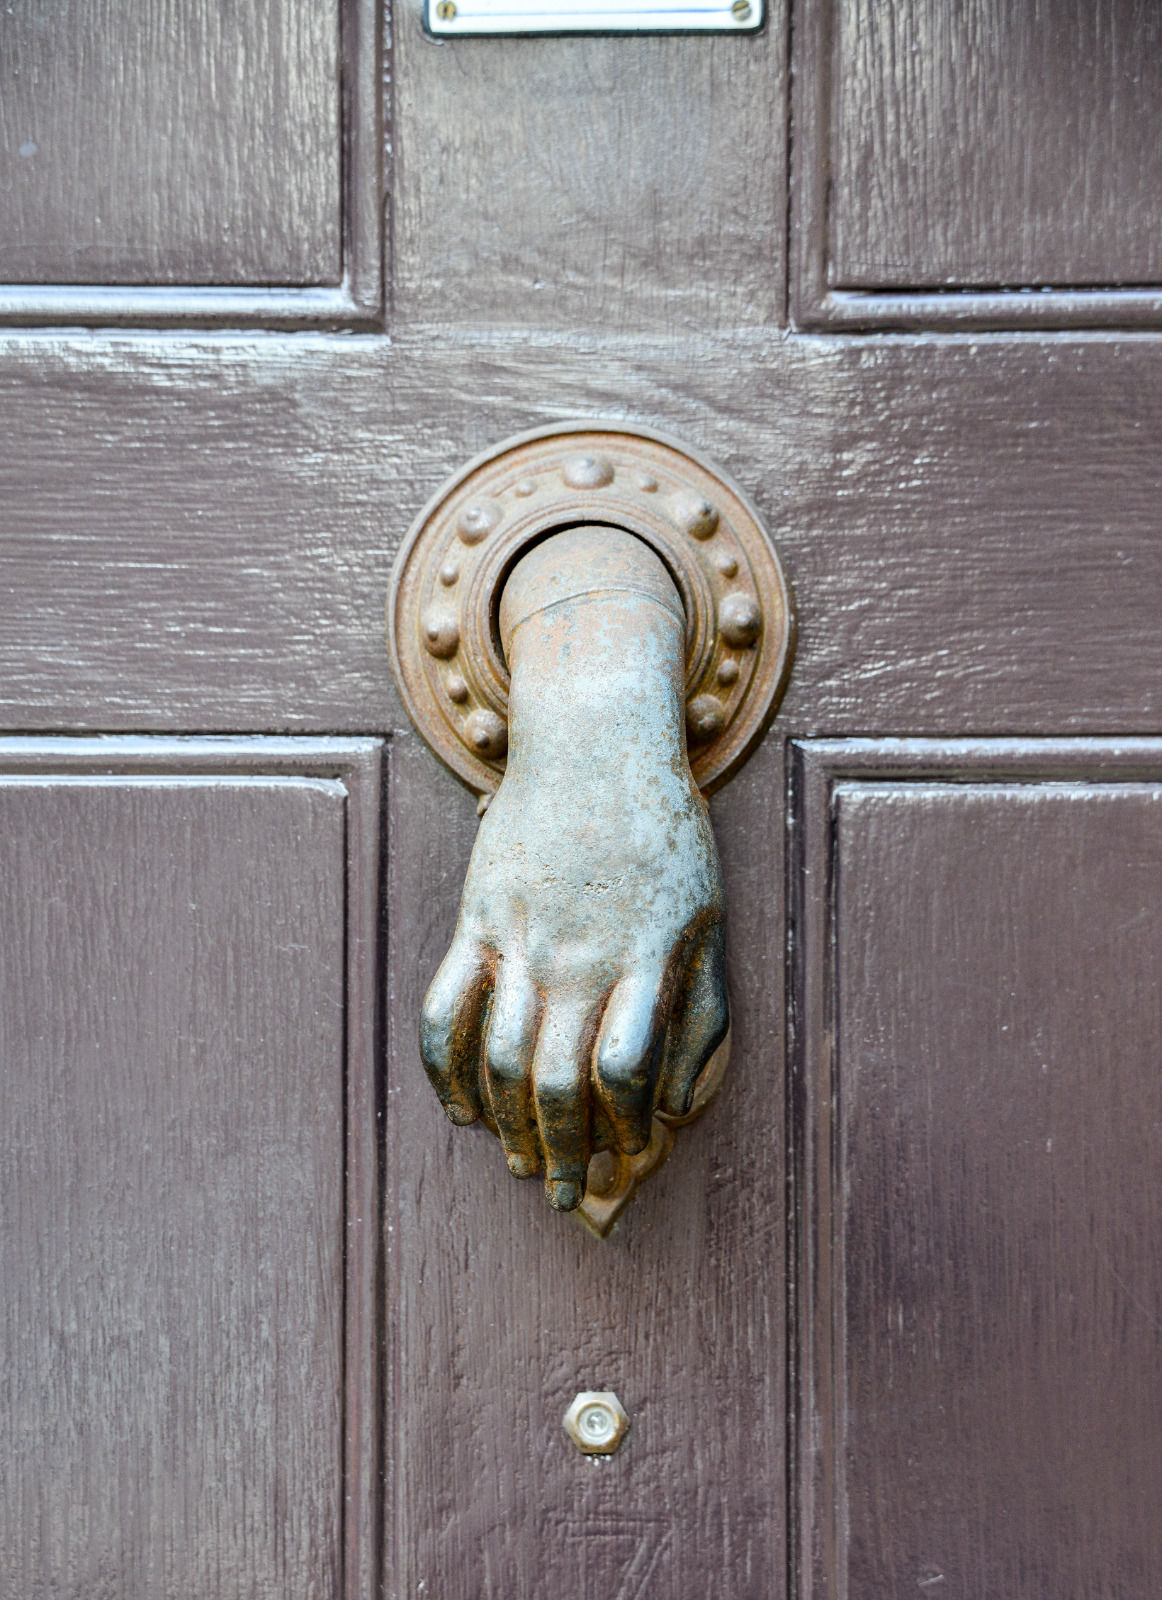 local london area photo front door